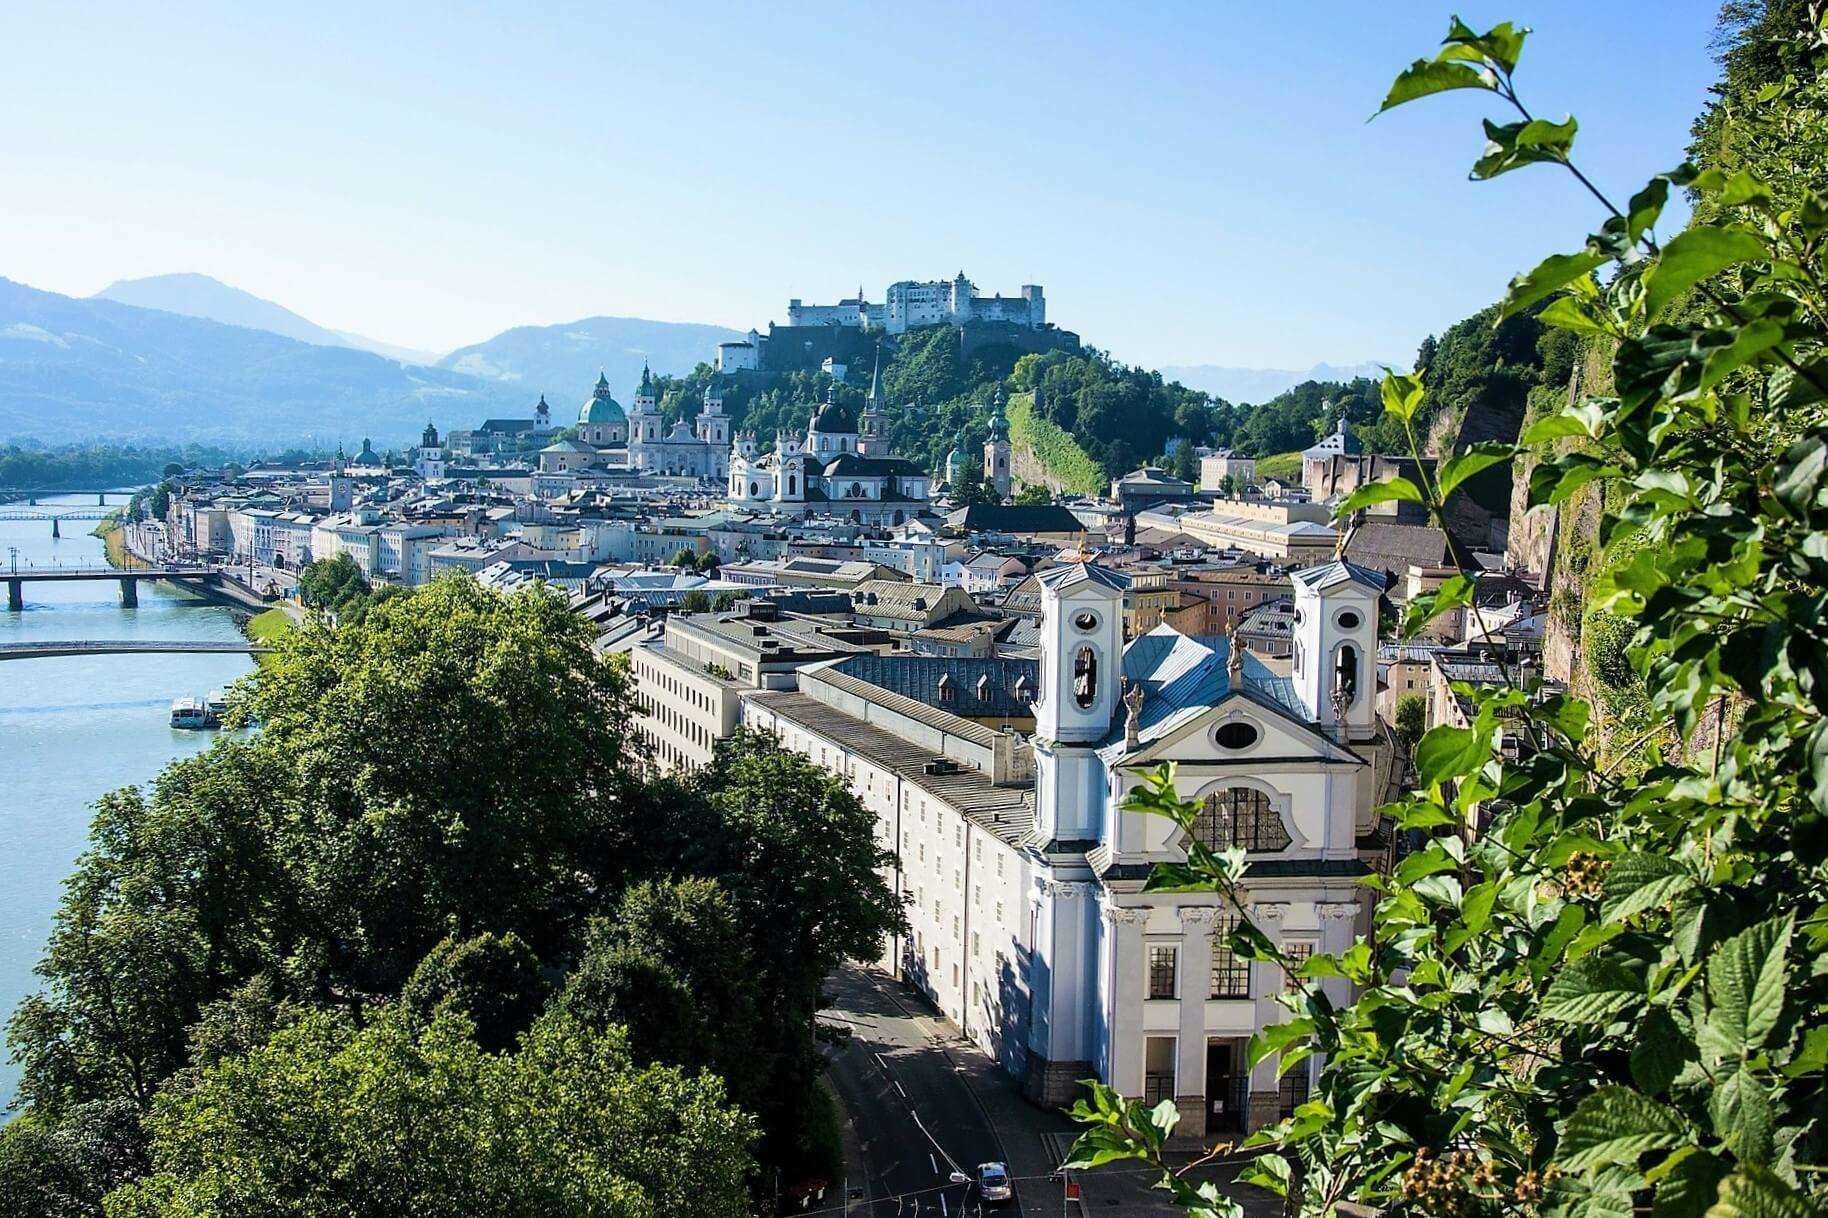 Direktflüge und Billigflüge ab Amsterdam nach Salzburg